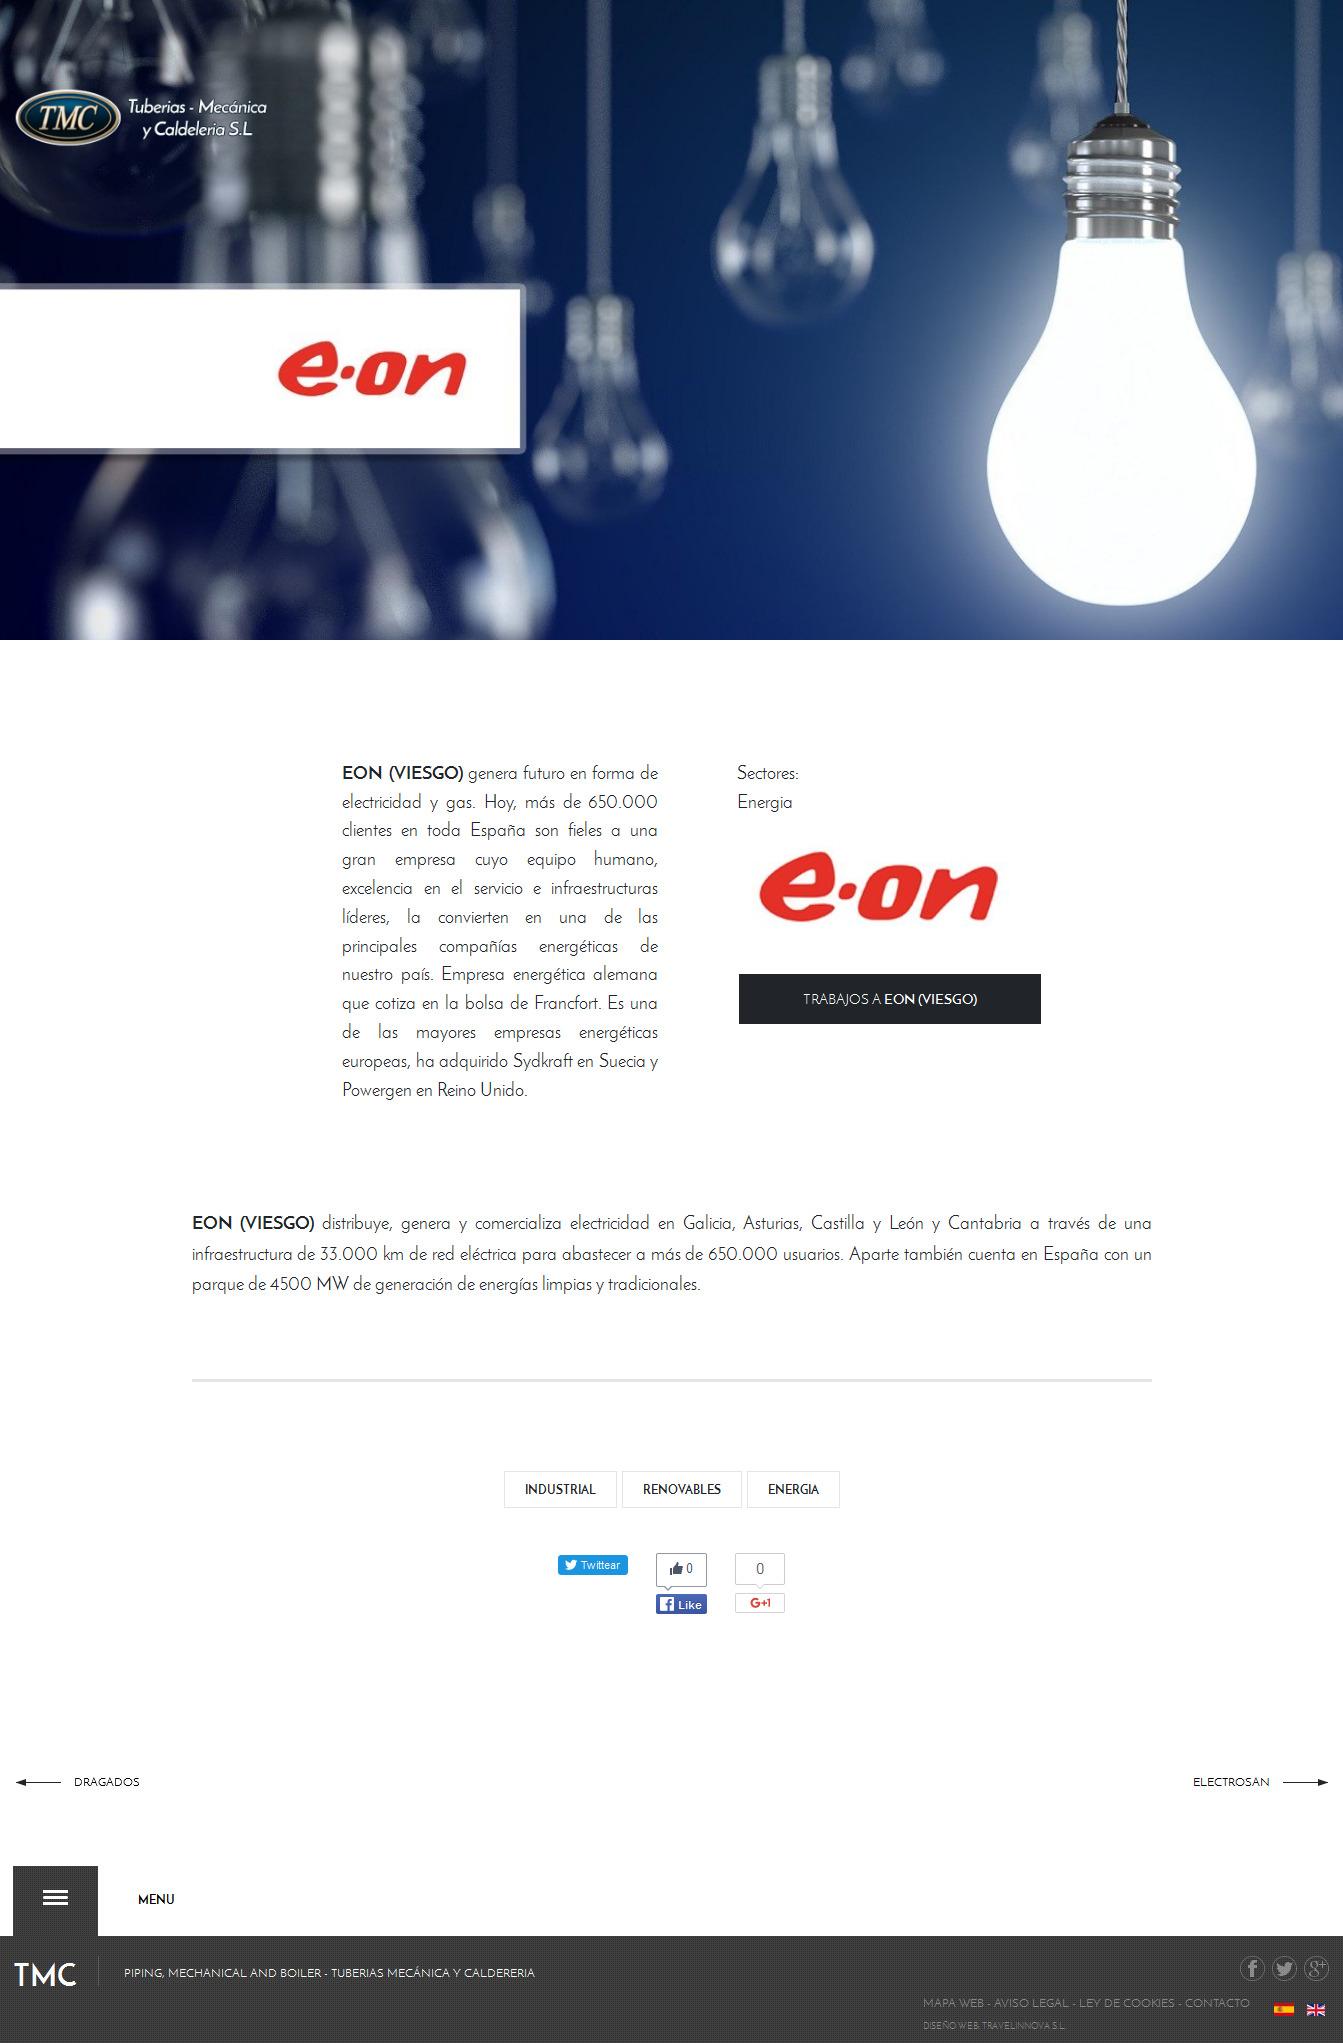 008-tmc-web-clien-det